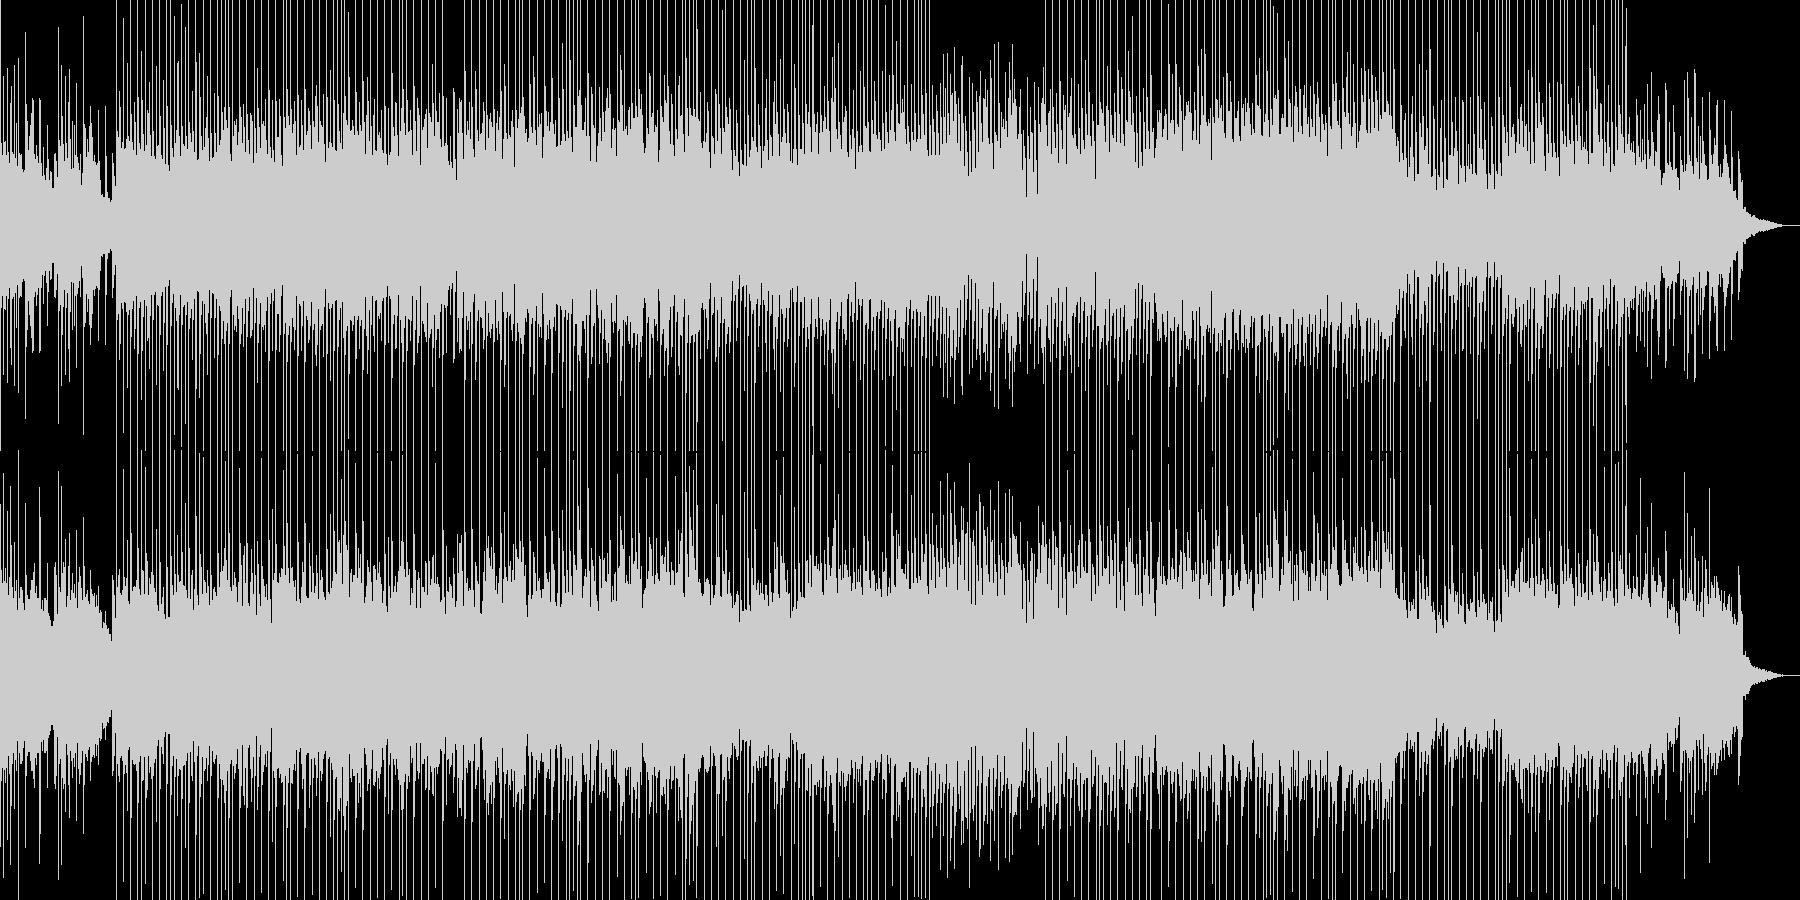 爽やかなベル音が印象的なポップスの未再生の波形